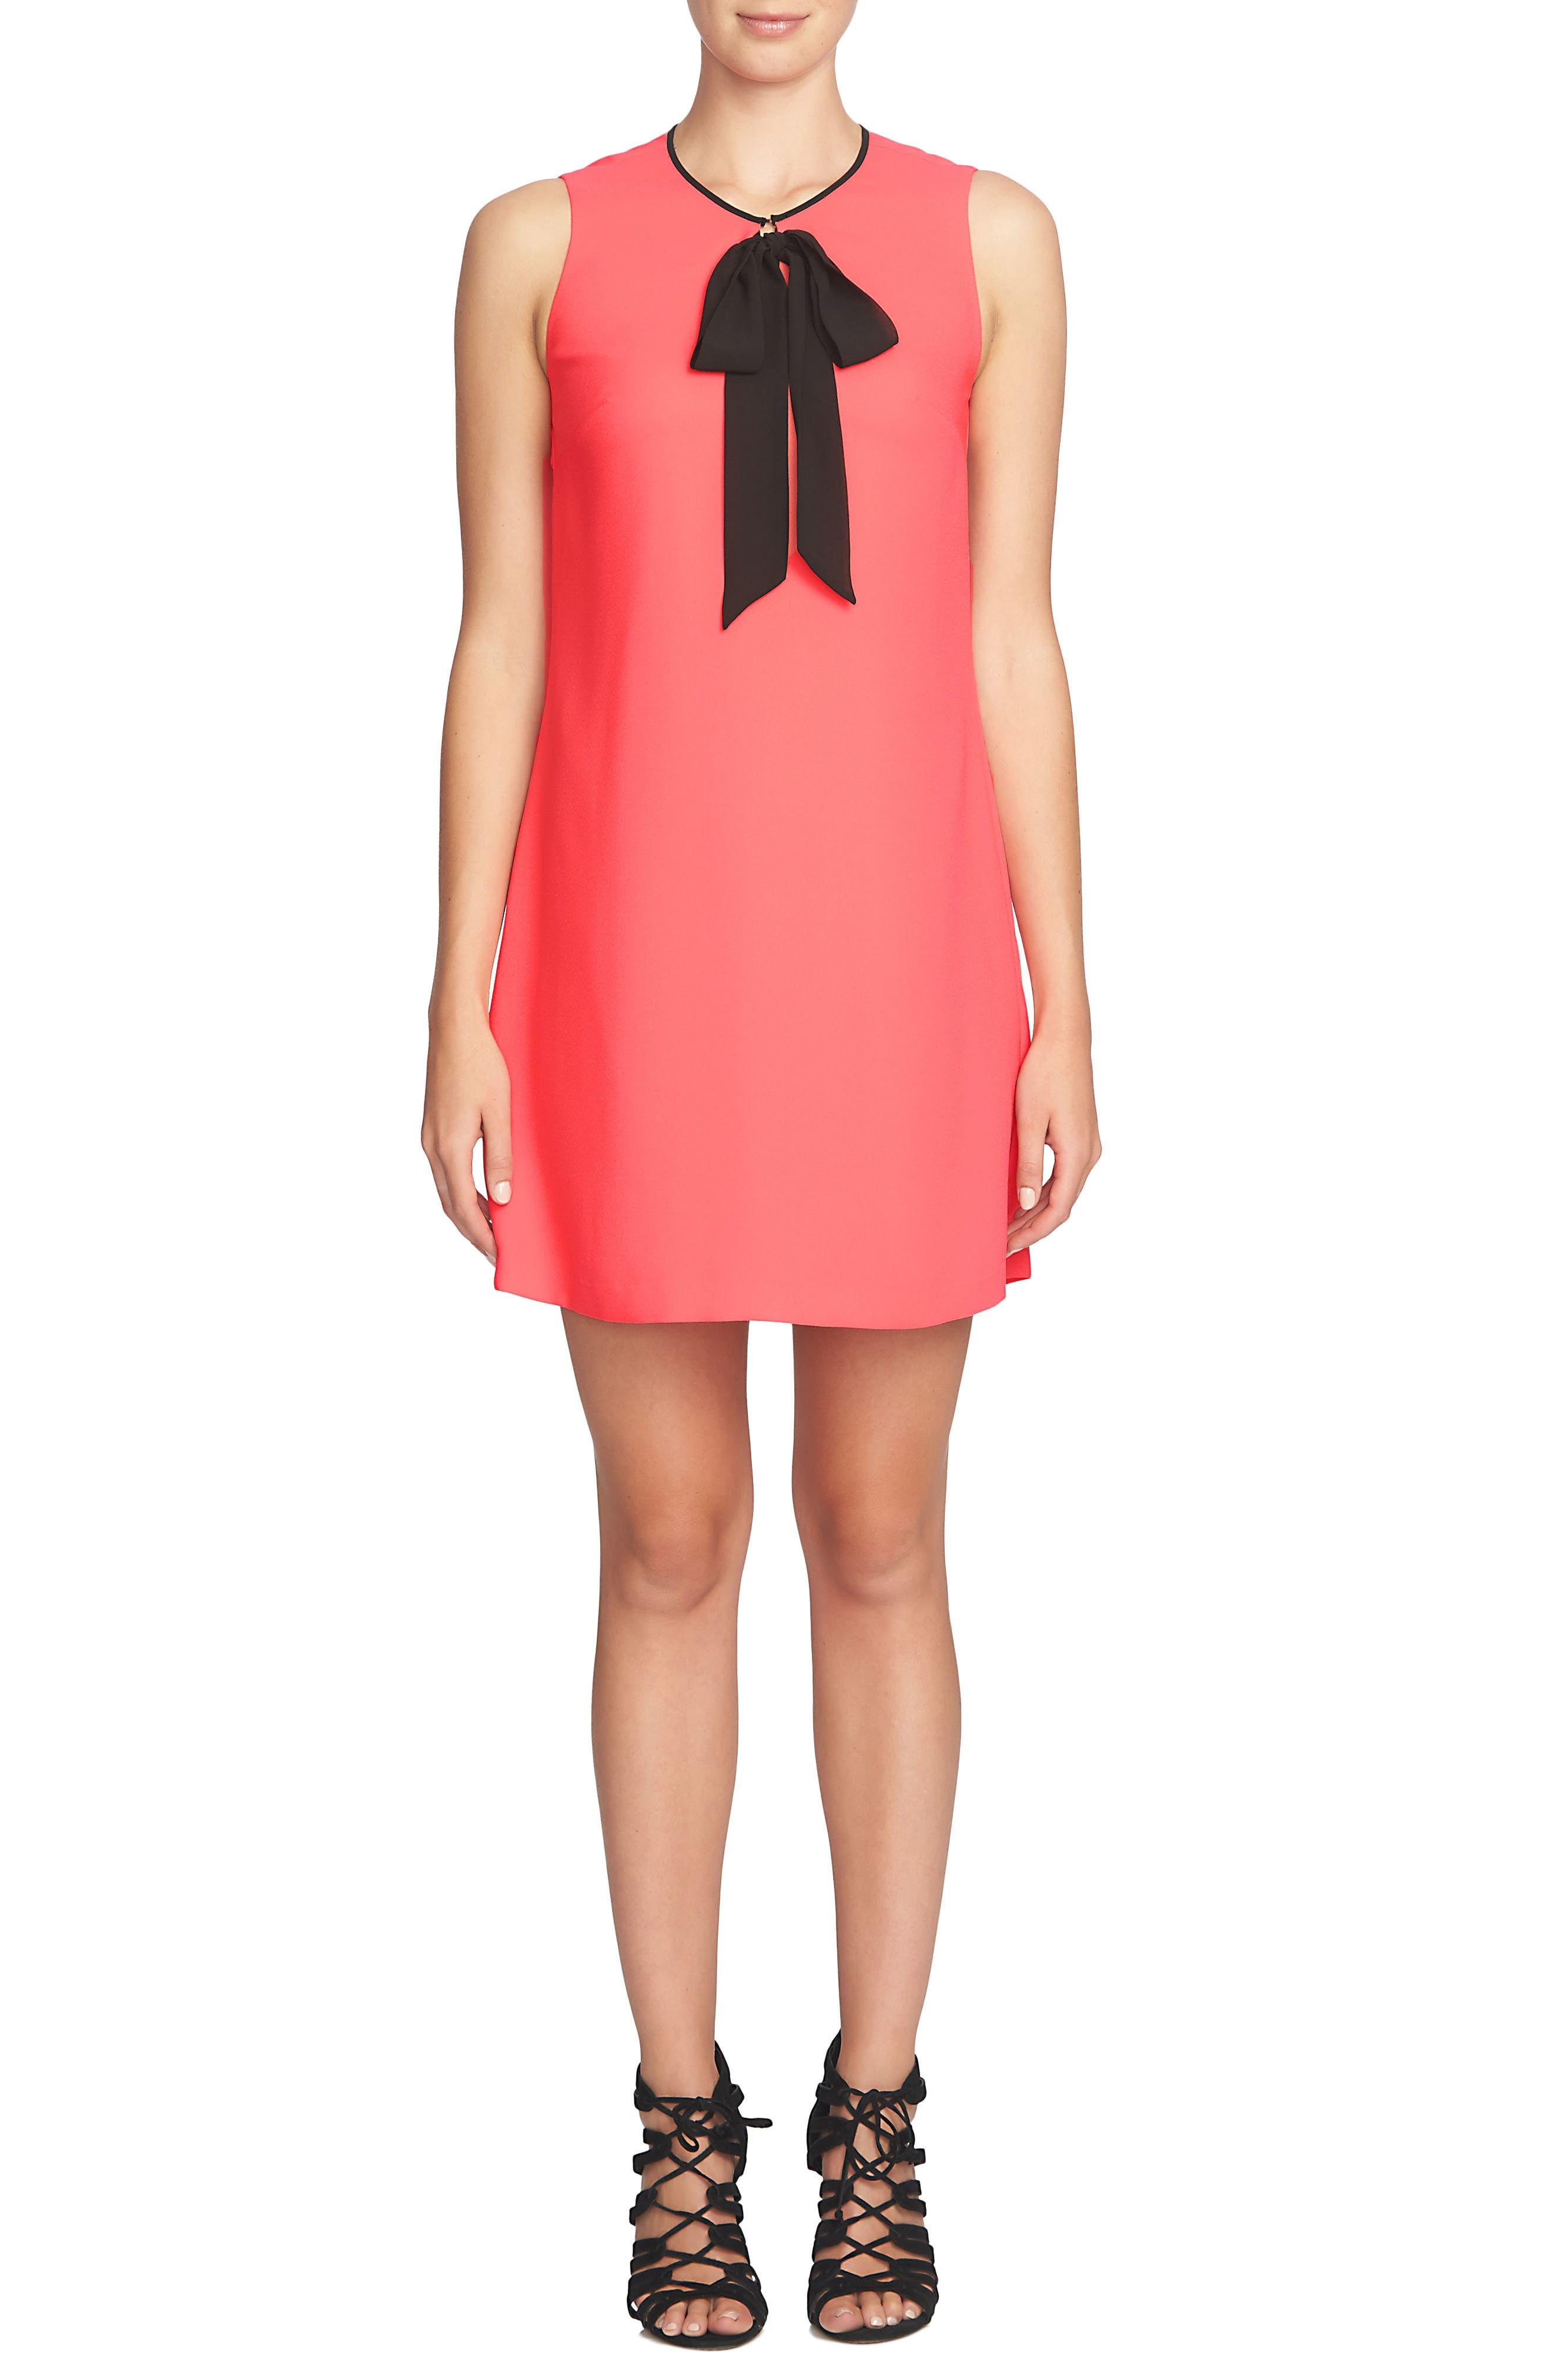 Main Image - Cece Rosie Tie Neck Dress